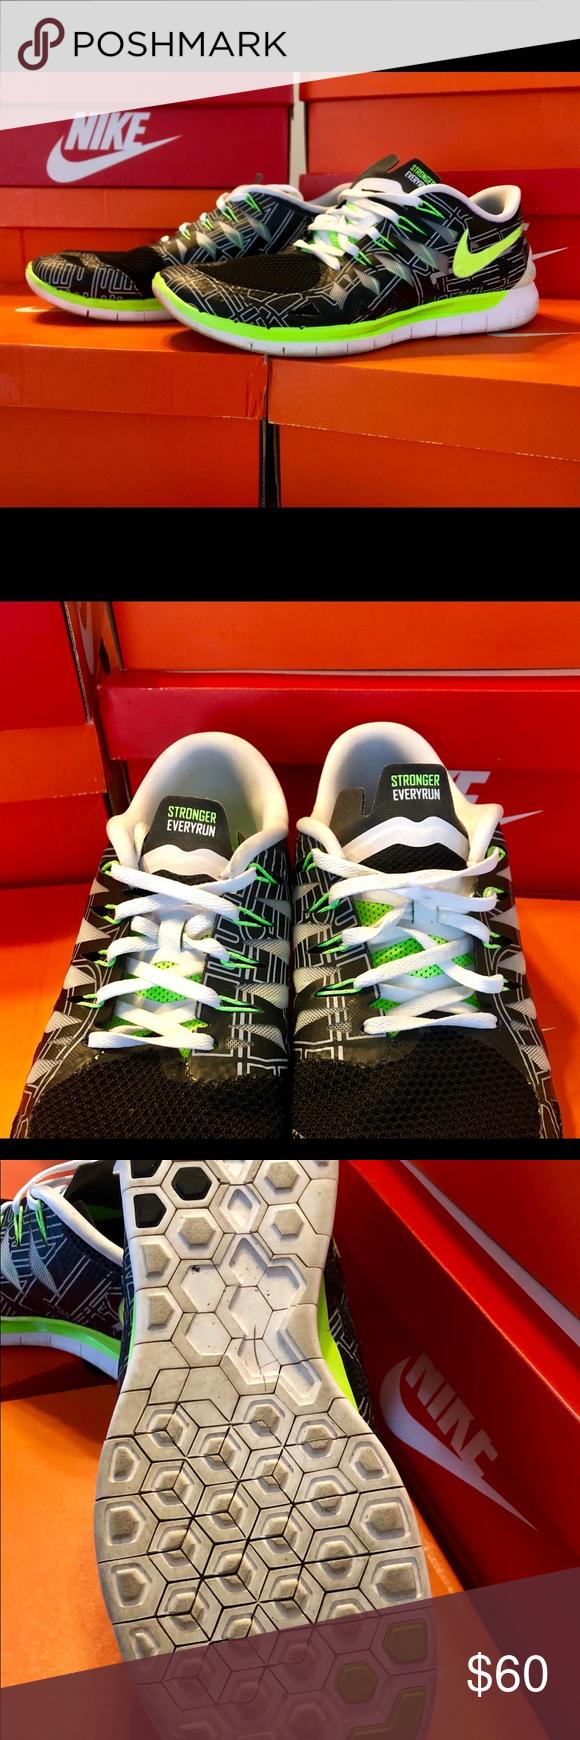 Nike Free 5.0 Boston Marathon Edition Special Boston